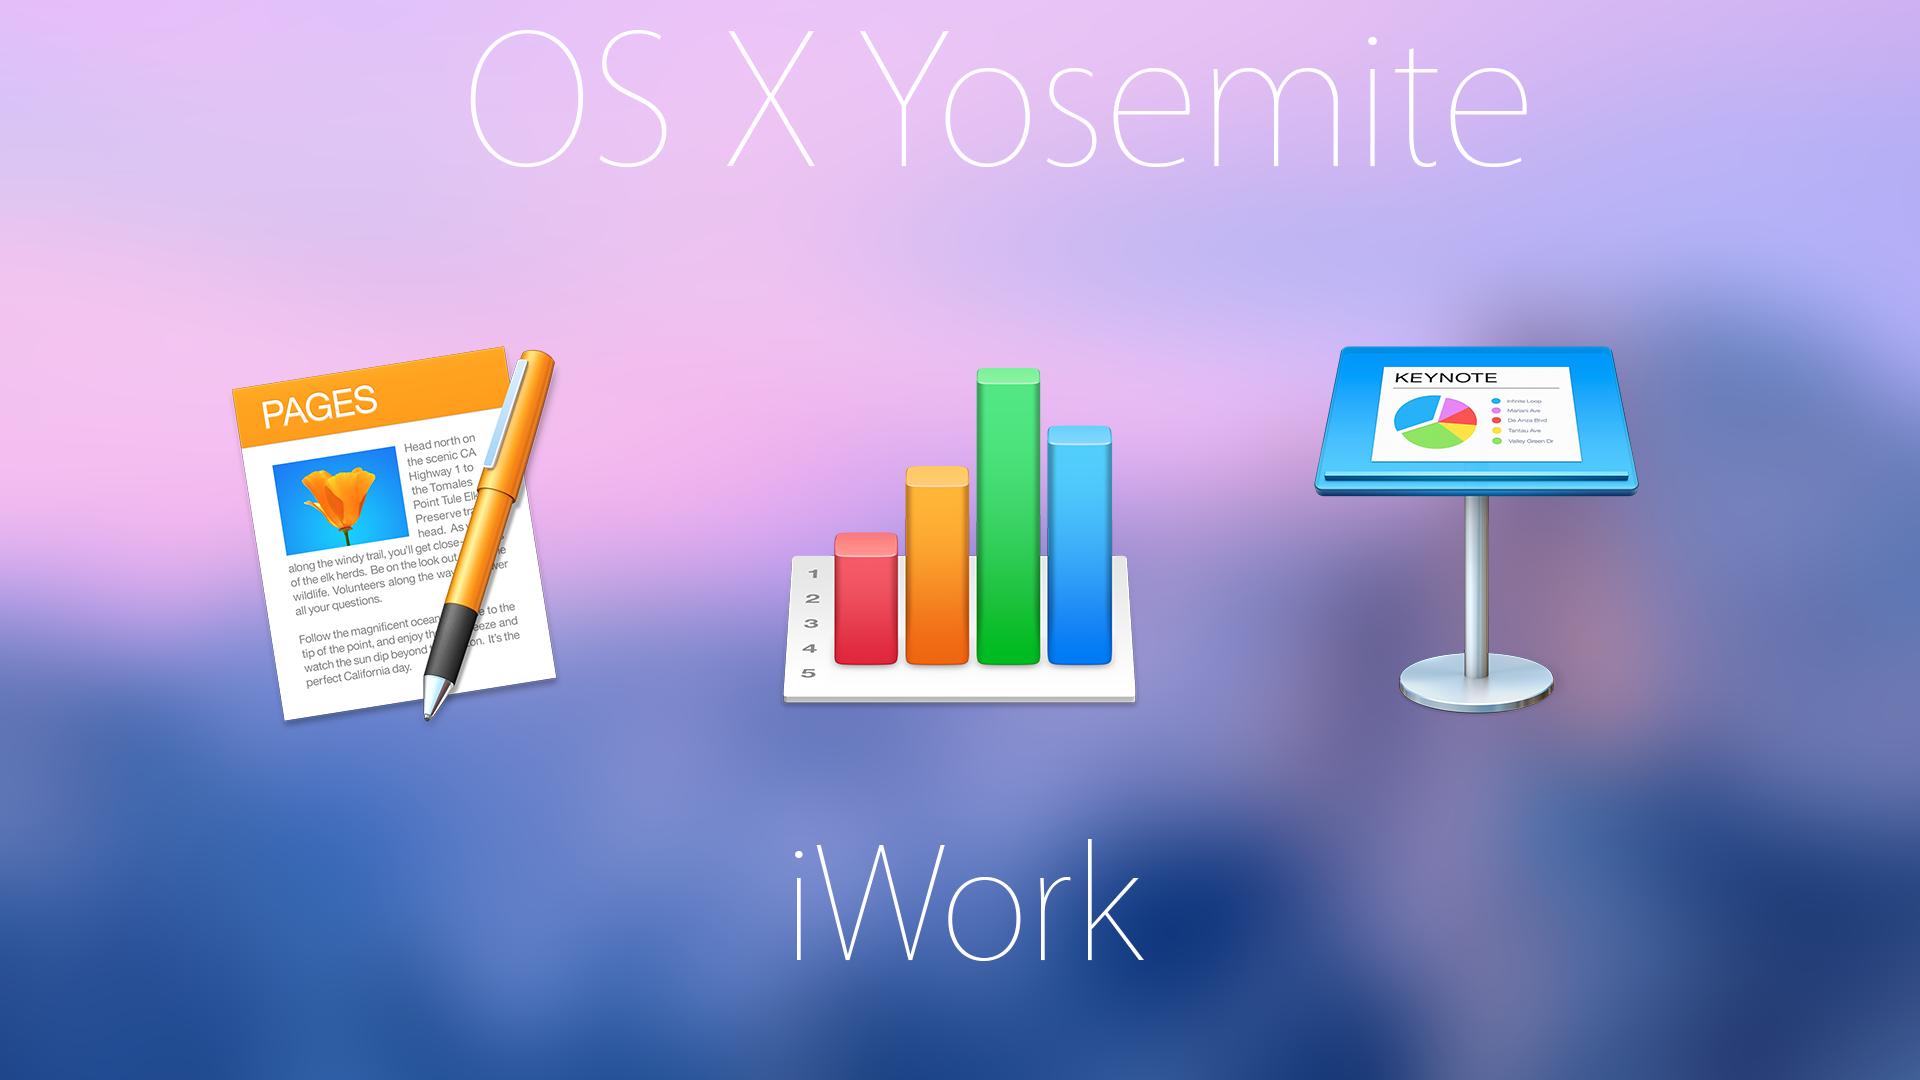 OS X Yosemite iWork by Atopsy